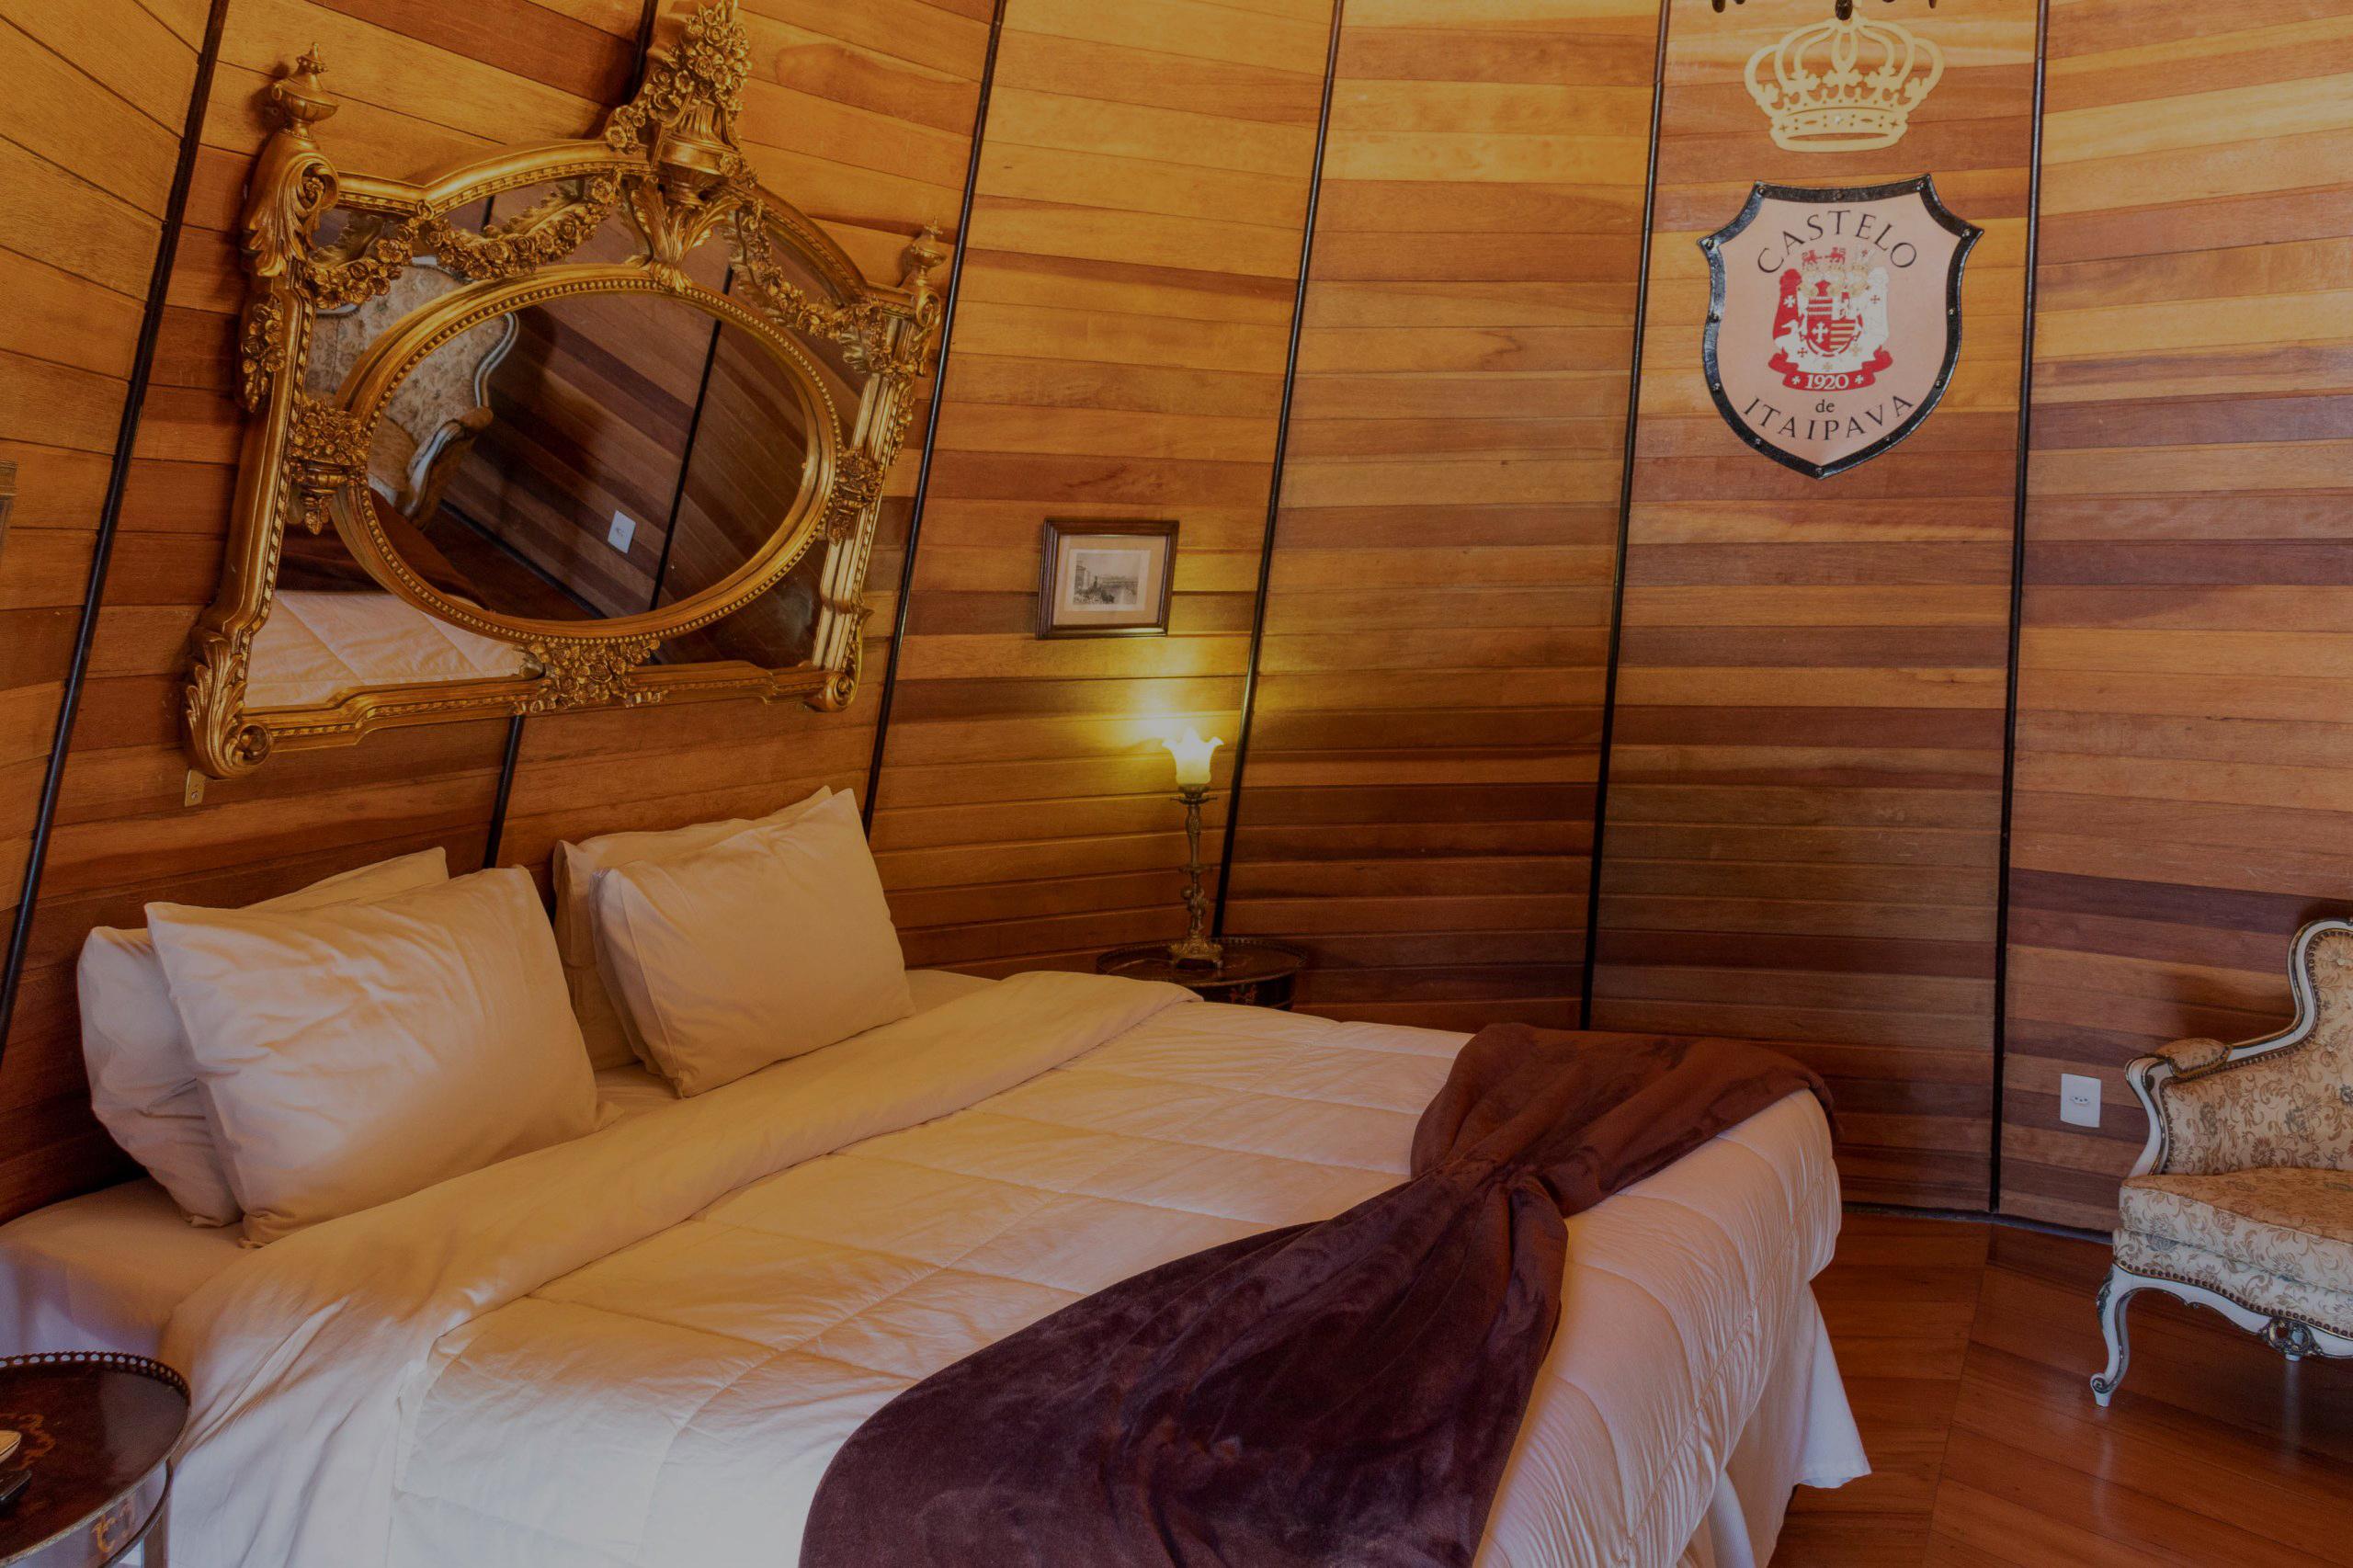 Hotel em Itaipava